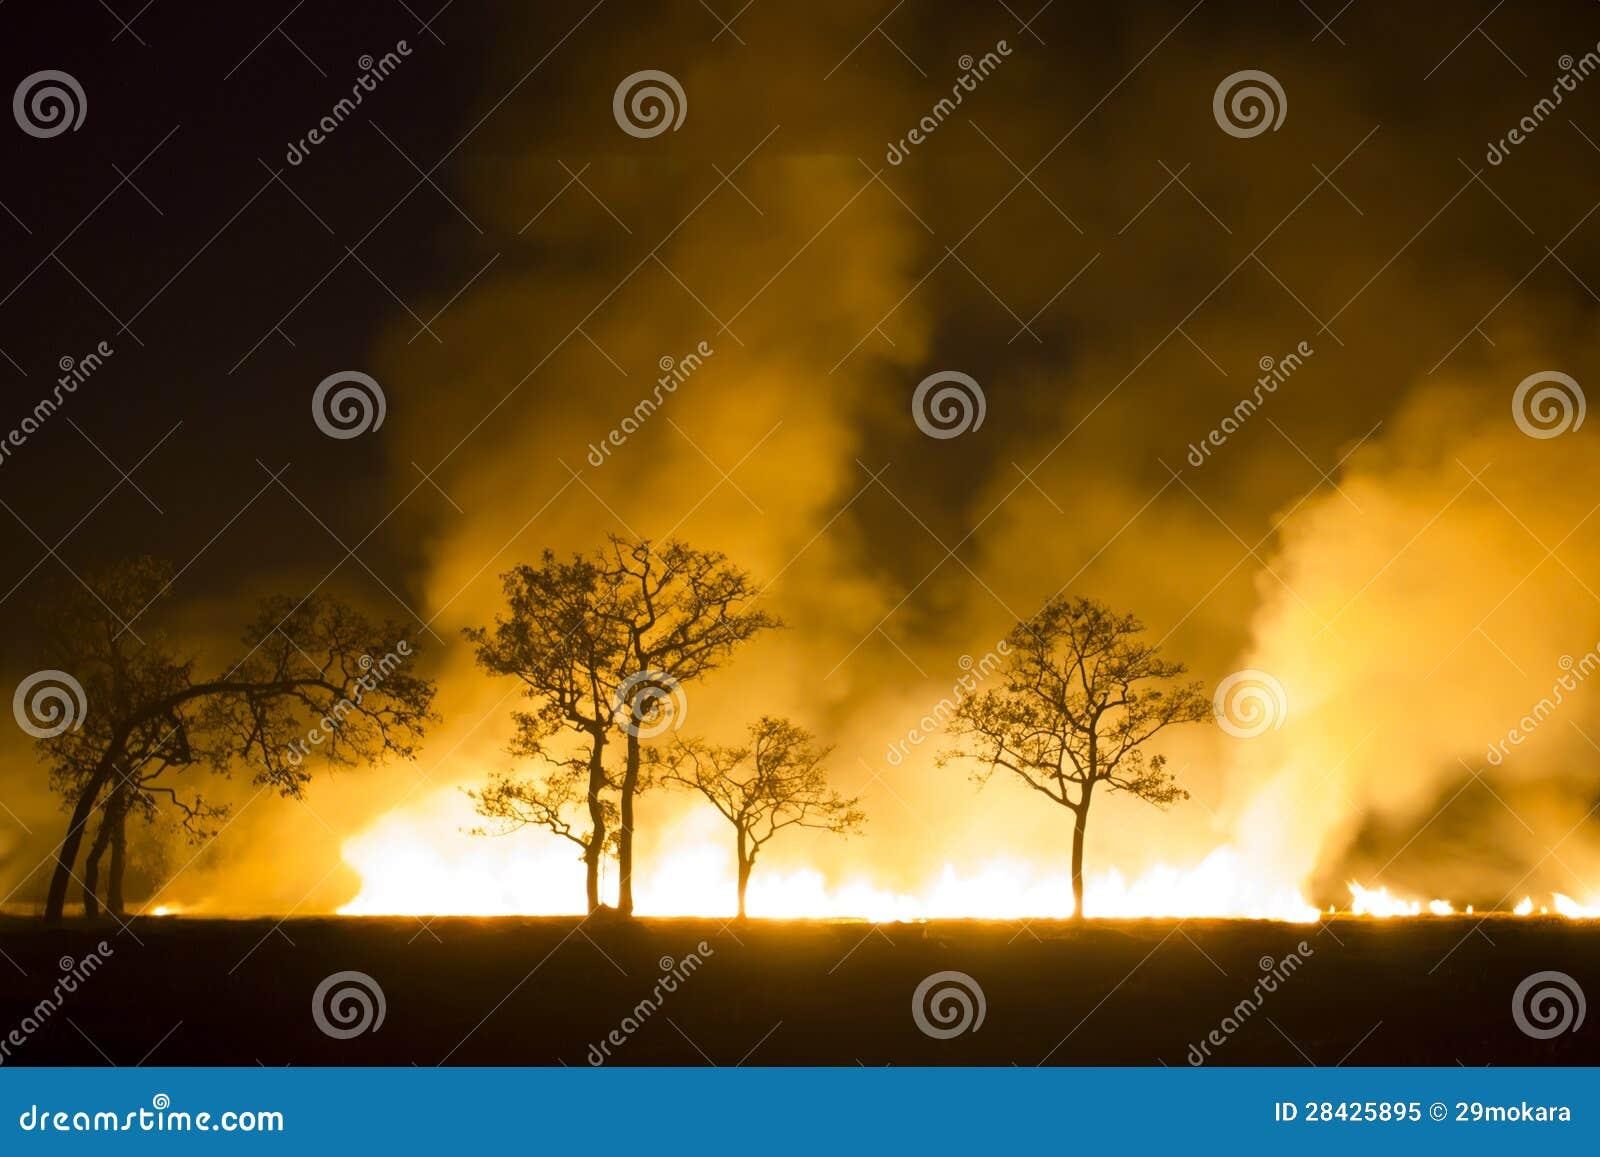 Wird brennendes Oekosystem des verheerenden Feuers Waldzerstört